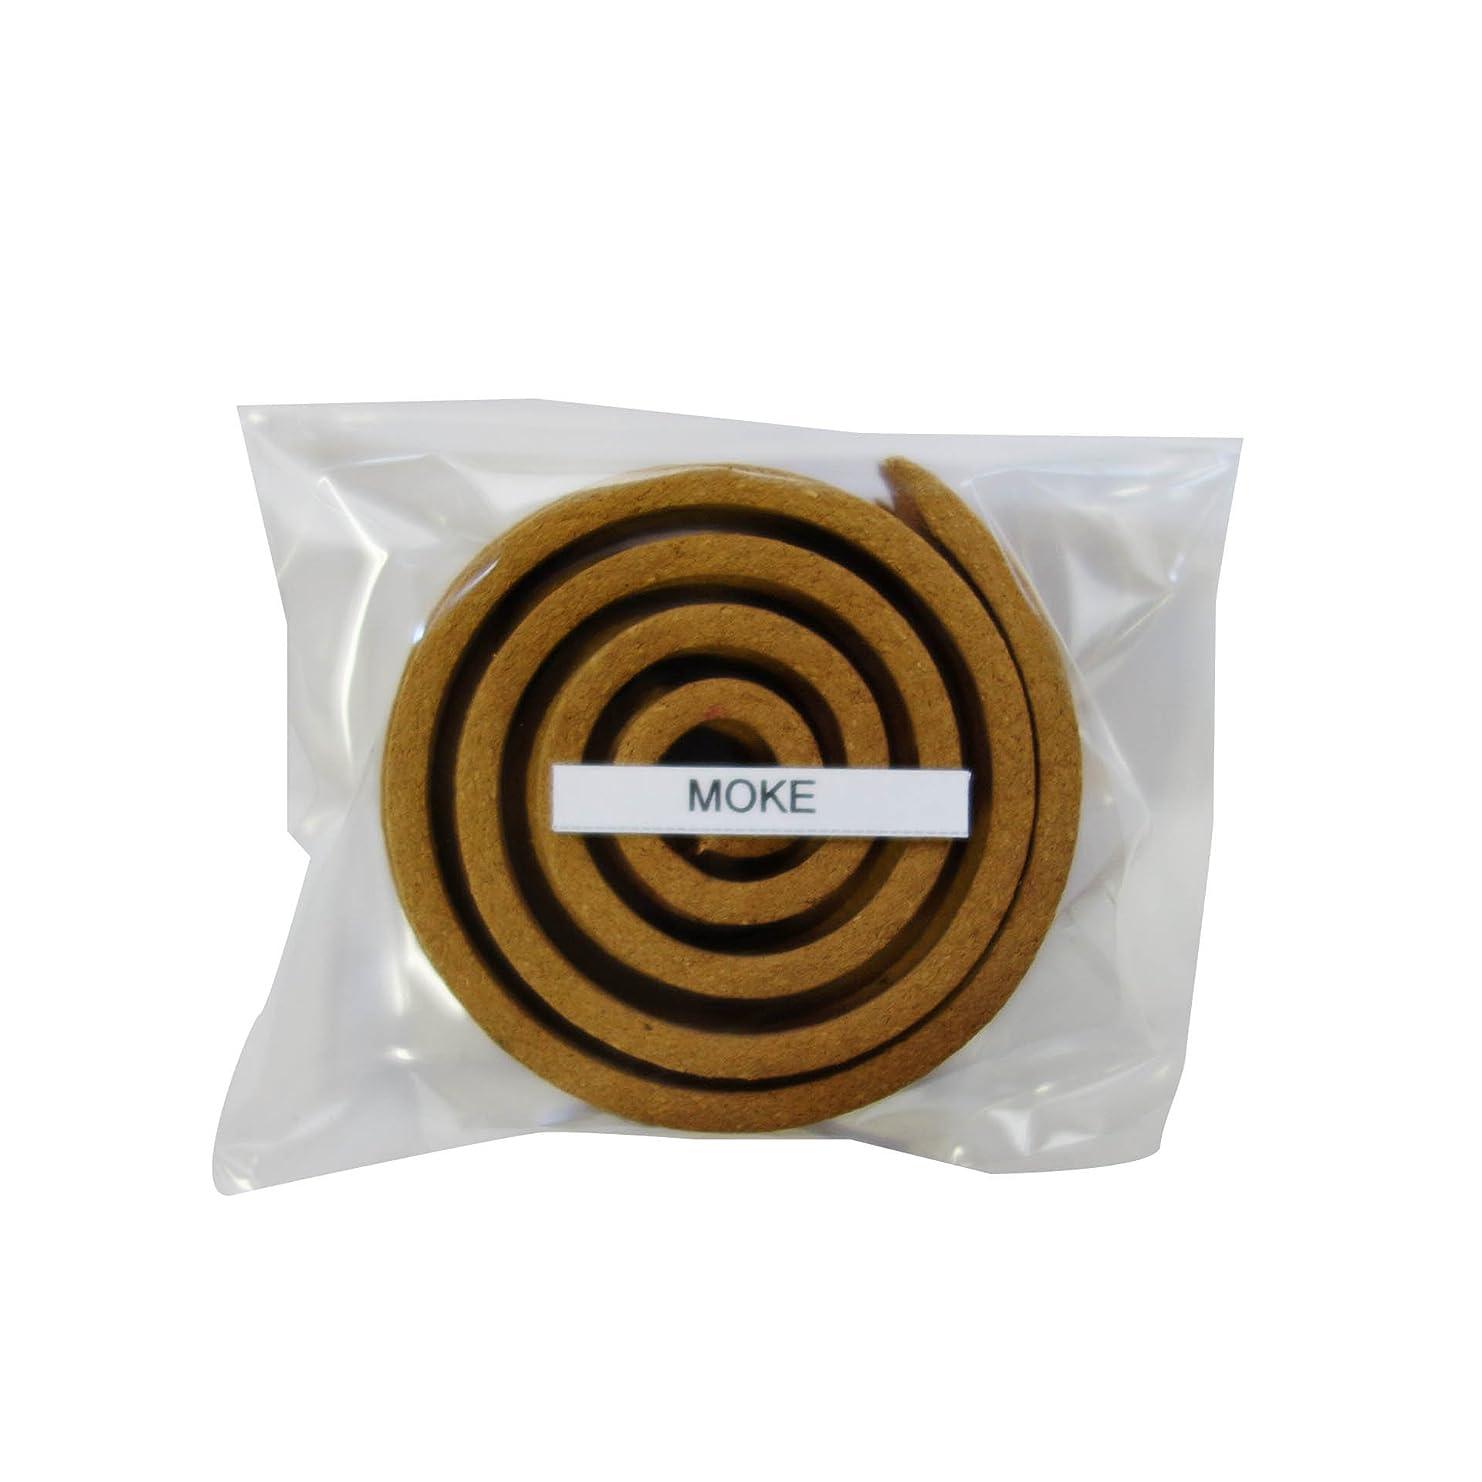 溶接占めるオーバーランお香/うずまき香 MOKE モーク 直径5cm×5巻セット [並行輸入品]